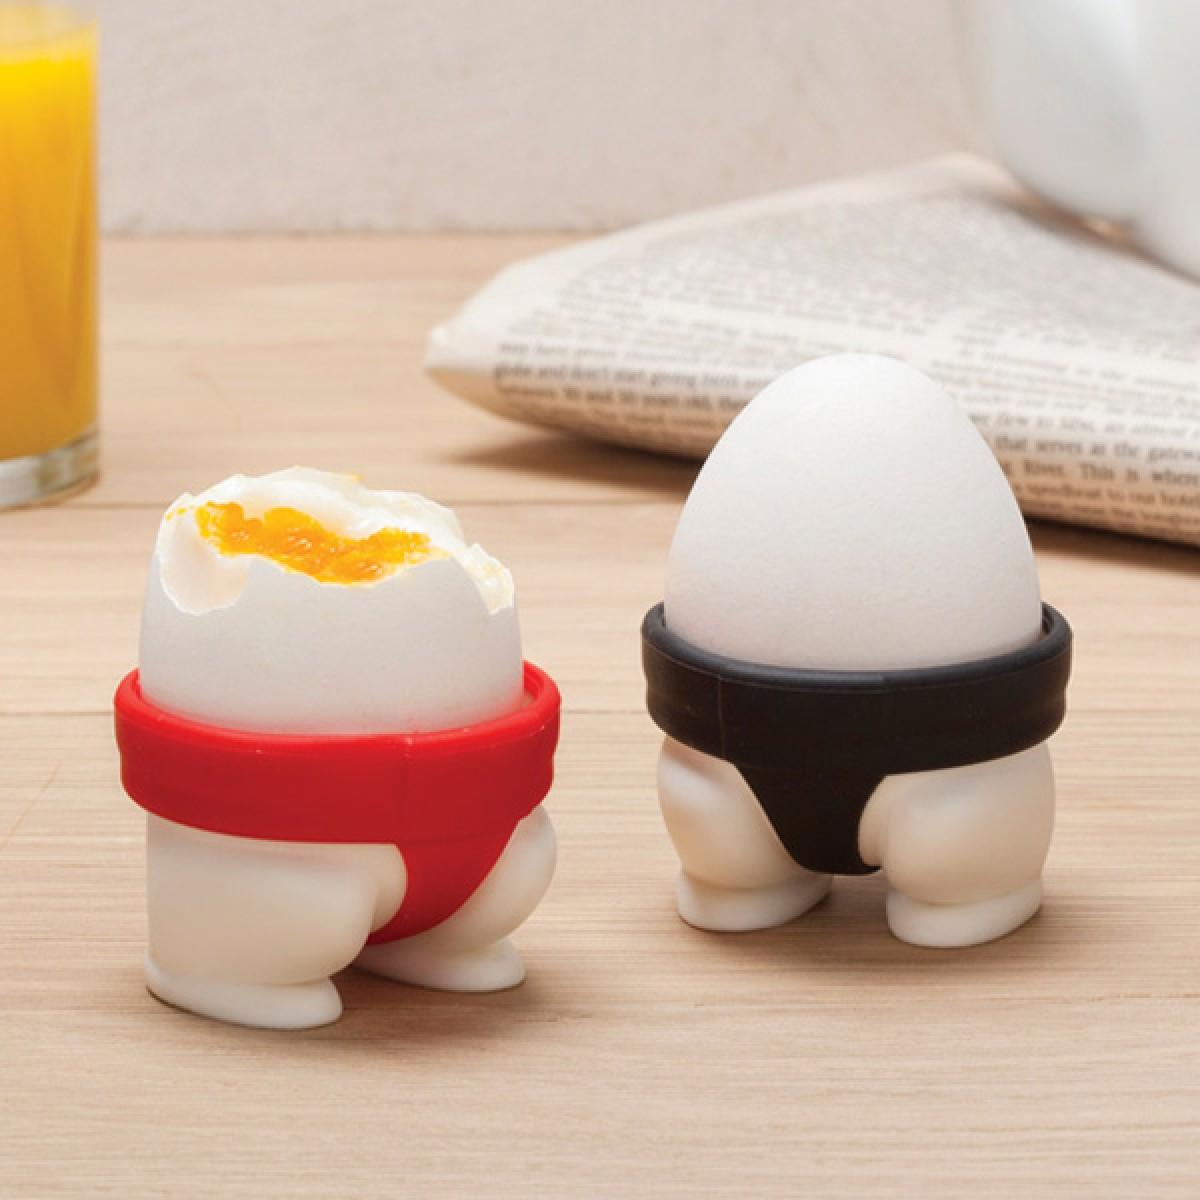 خرید جا تخم مرغی SUMO EGGS 2 EGG CUPS